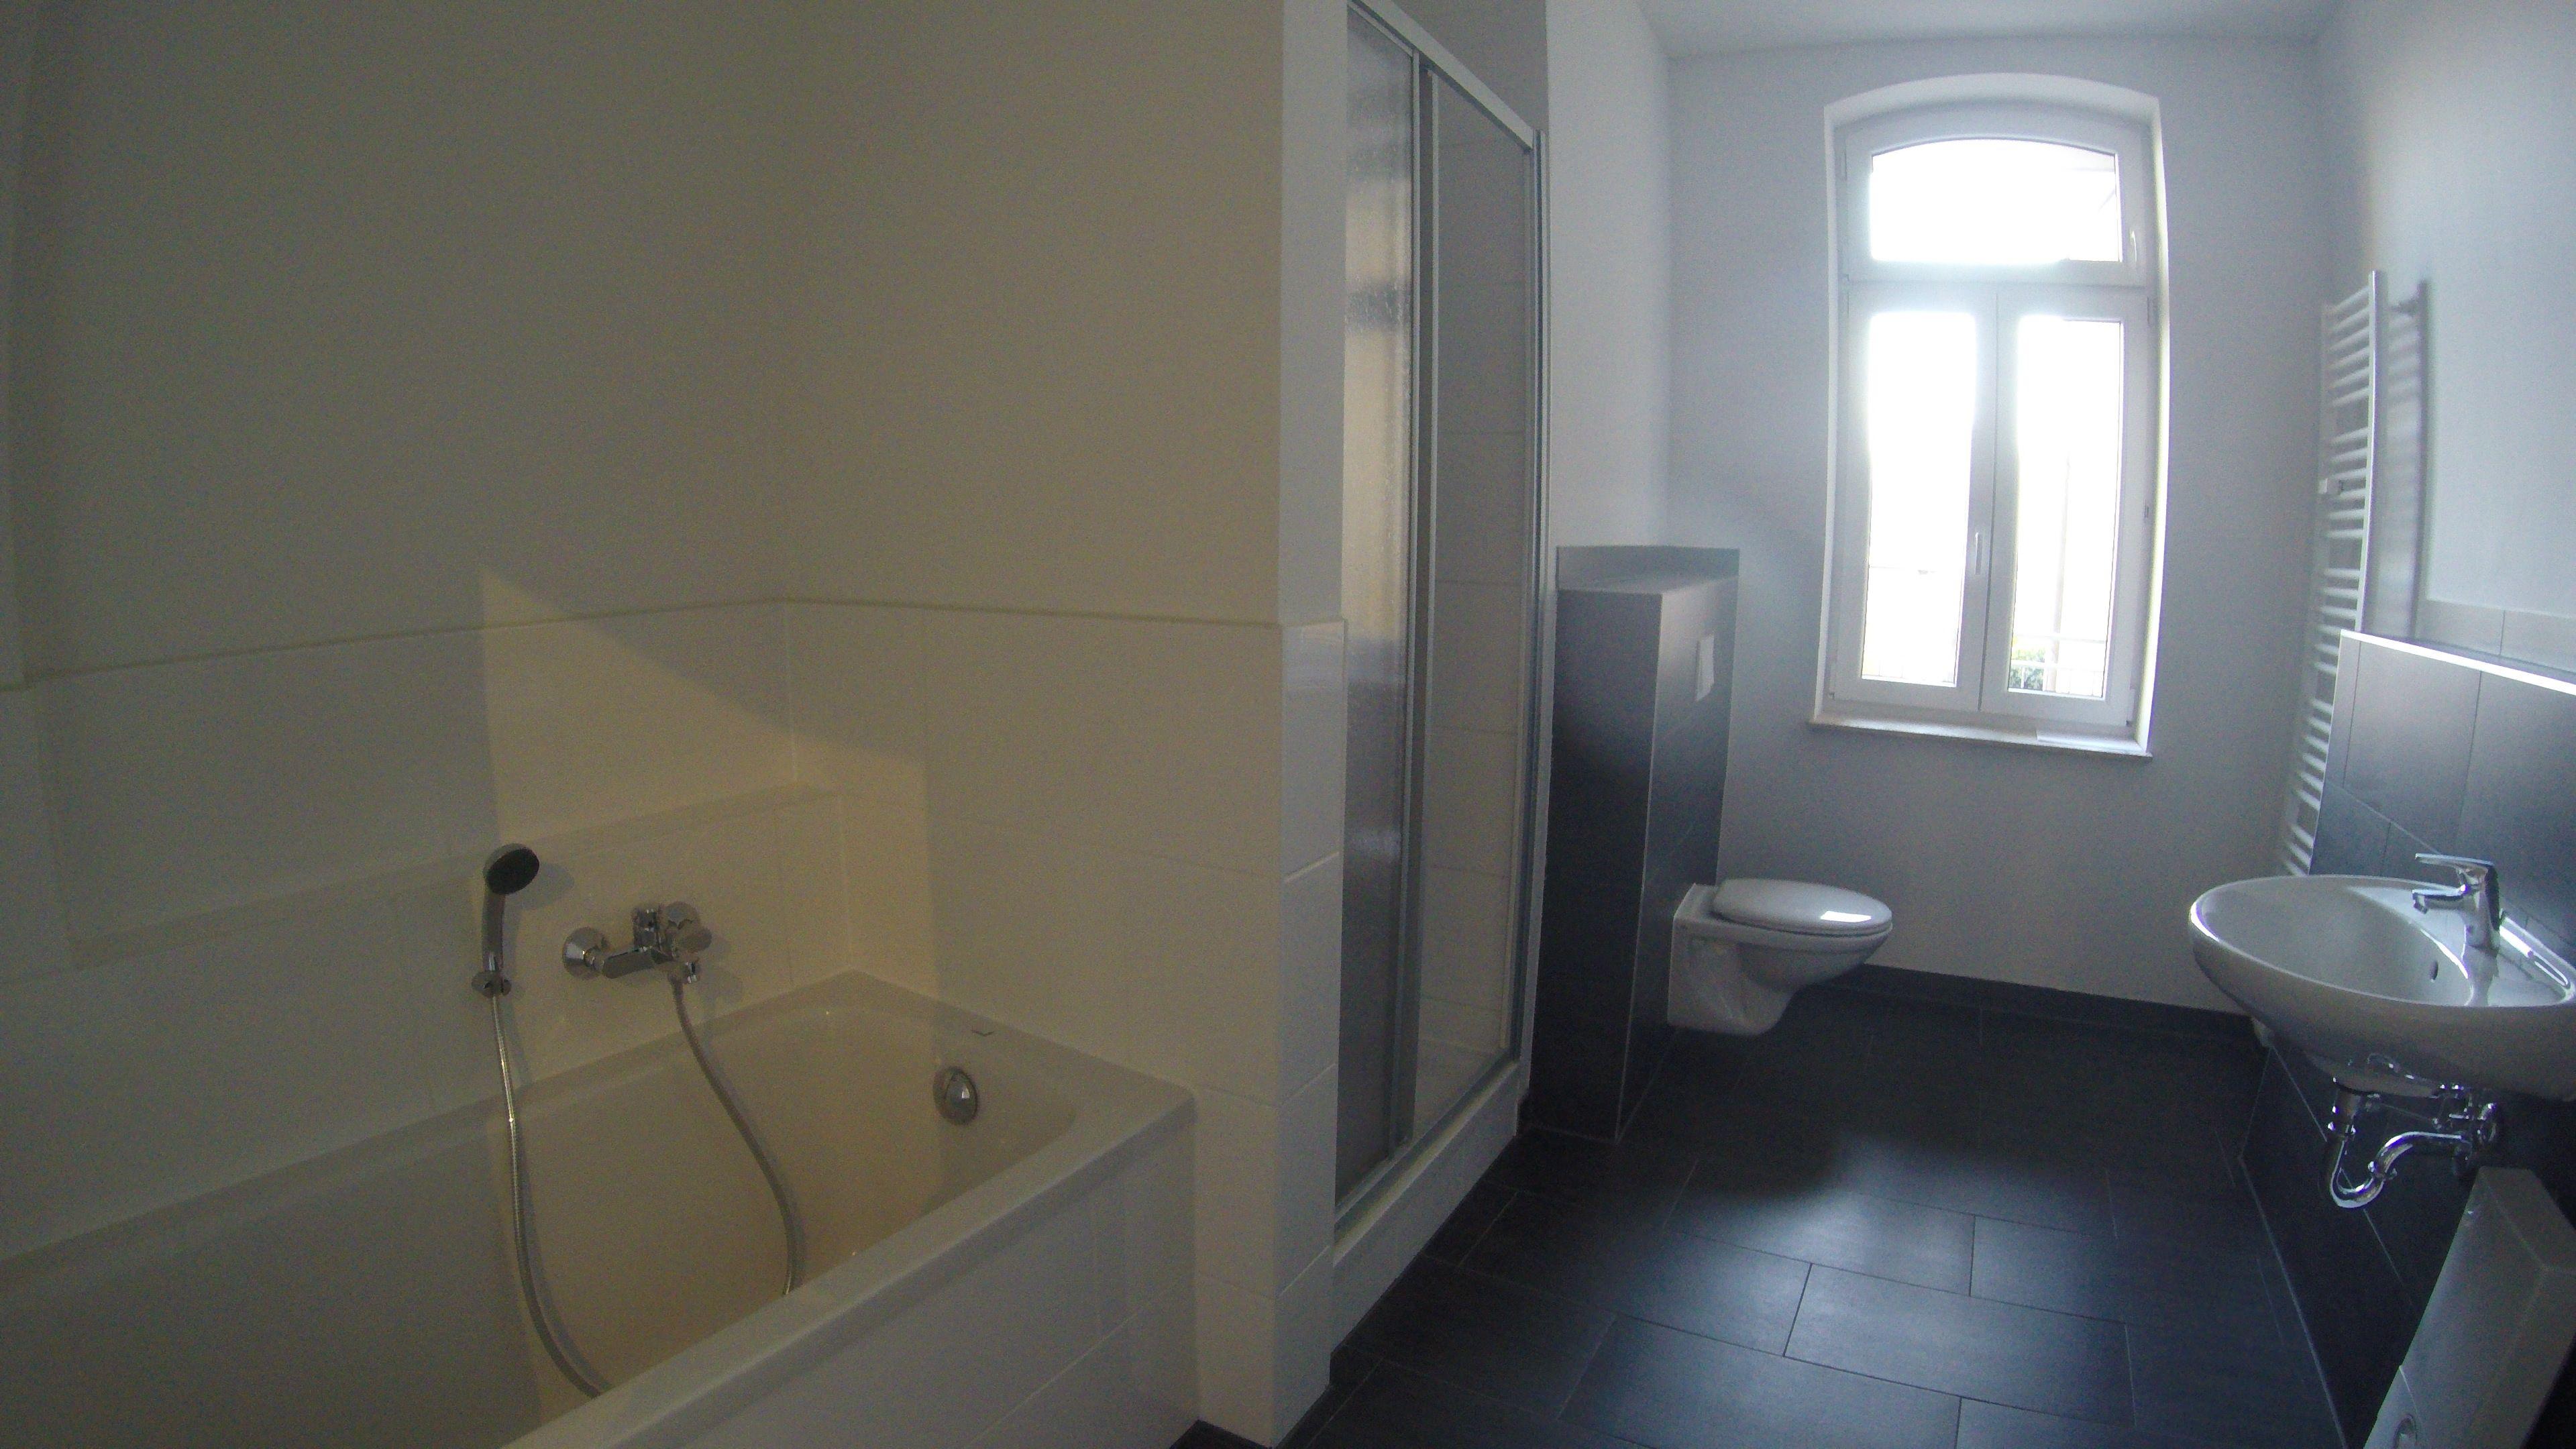 4 Zimmer Mietwohnung mit Wannen und DuschBad mit Fenster ZweitBezug